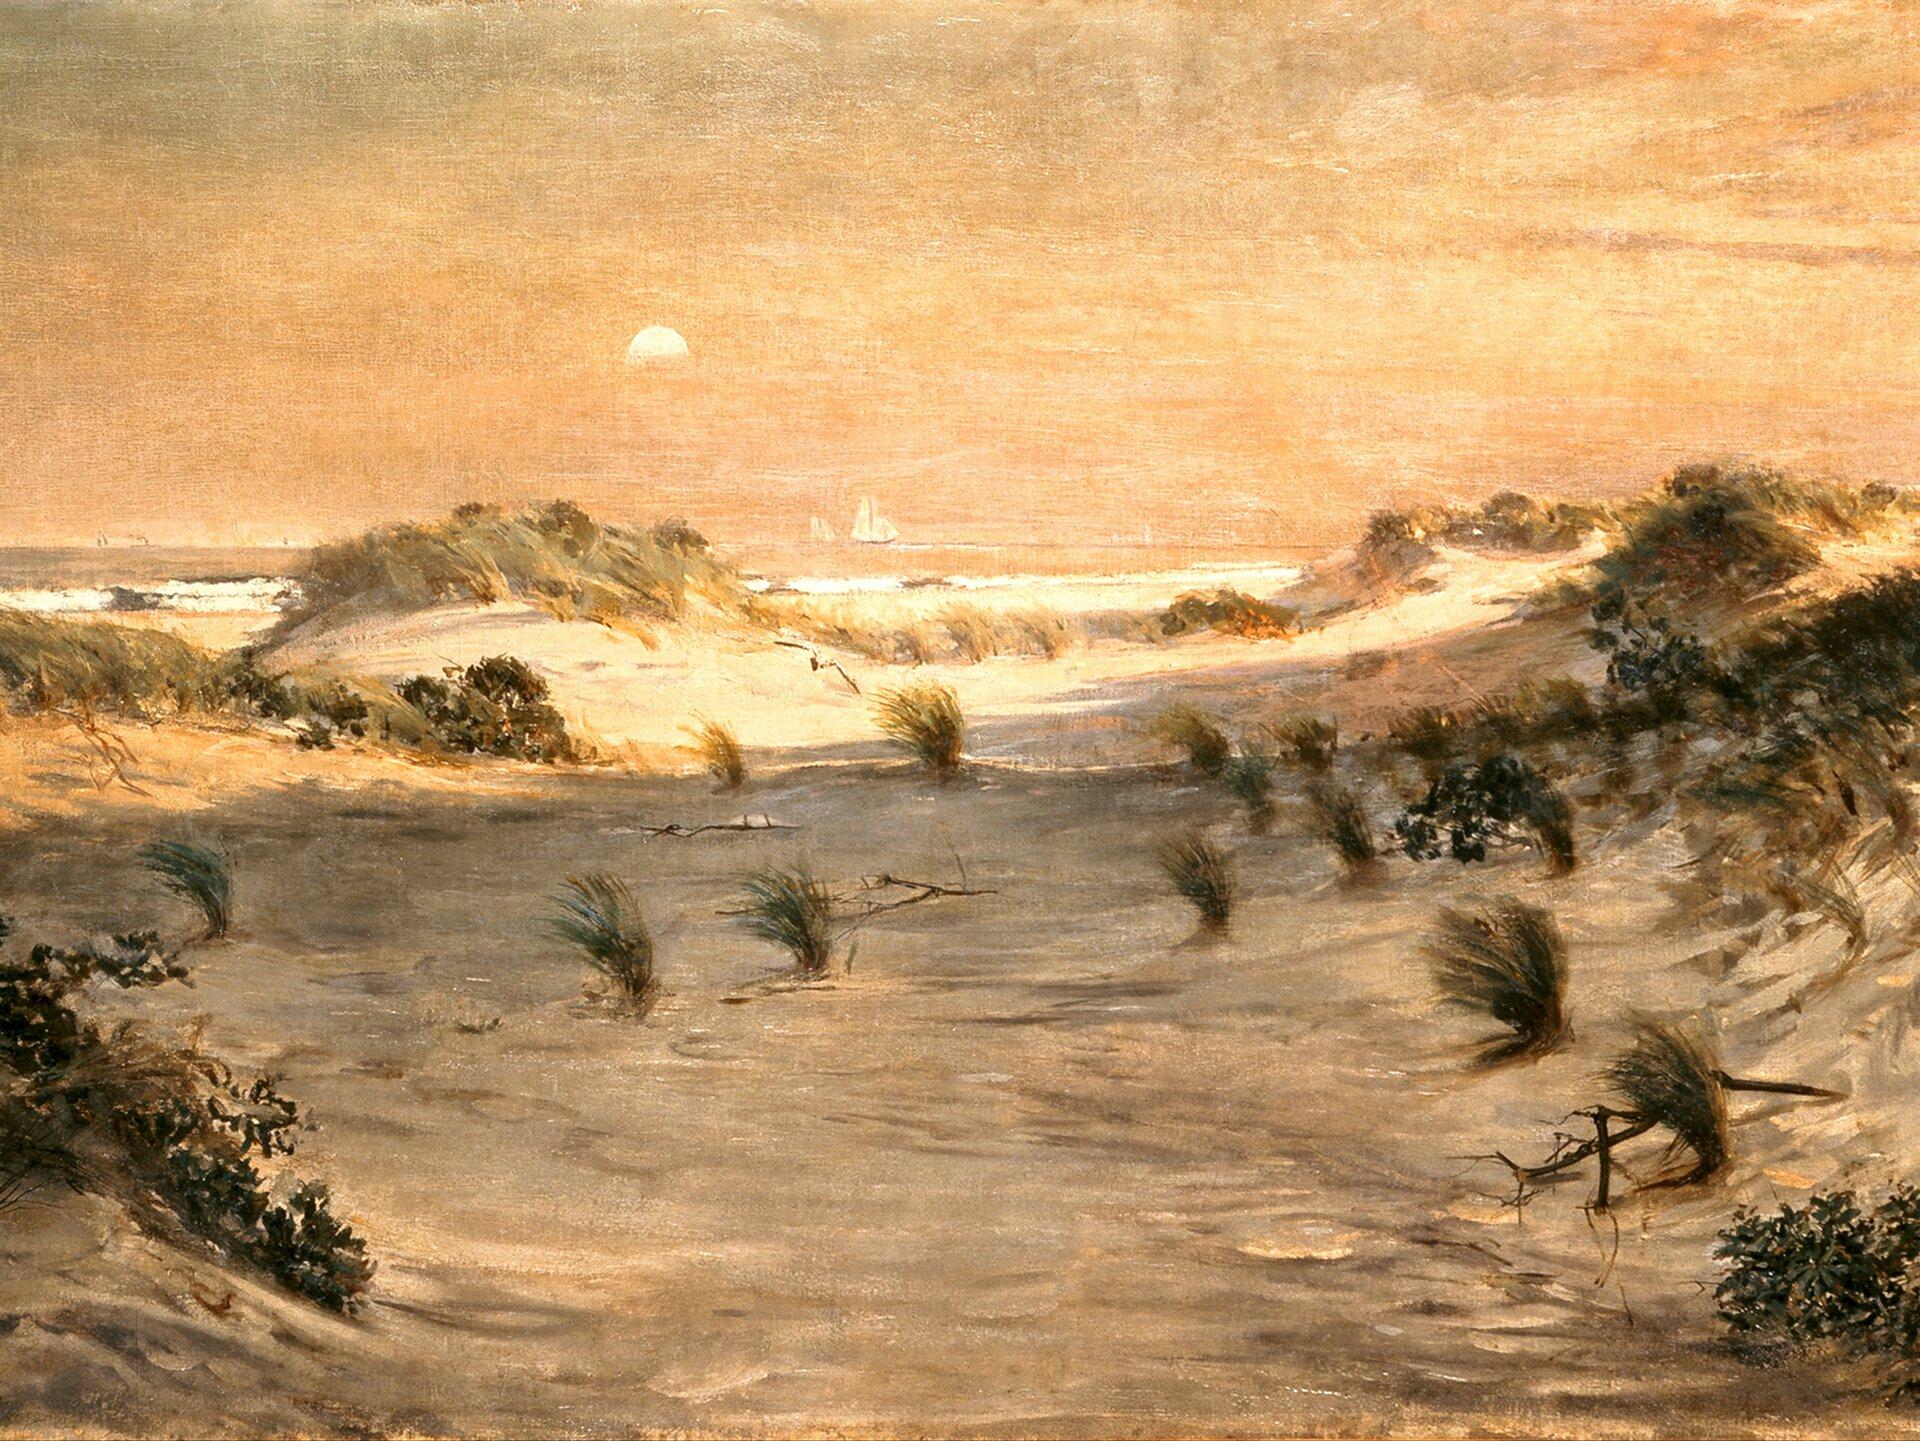 Wydmy ozachodzie słońca, Atlantic City Źródło: Henry Ossawa Tanner, Wydmy ozachodzie słońca, Atlantic City, ok. 1885, olej na płótnie, domena publiczna.